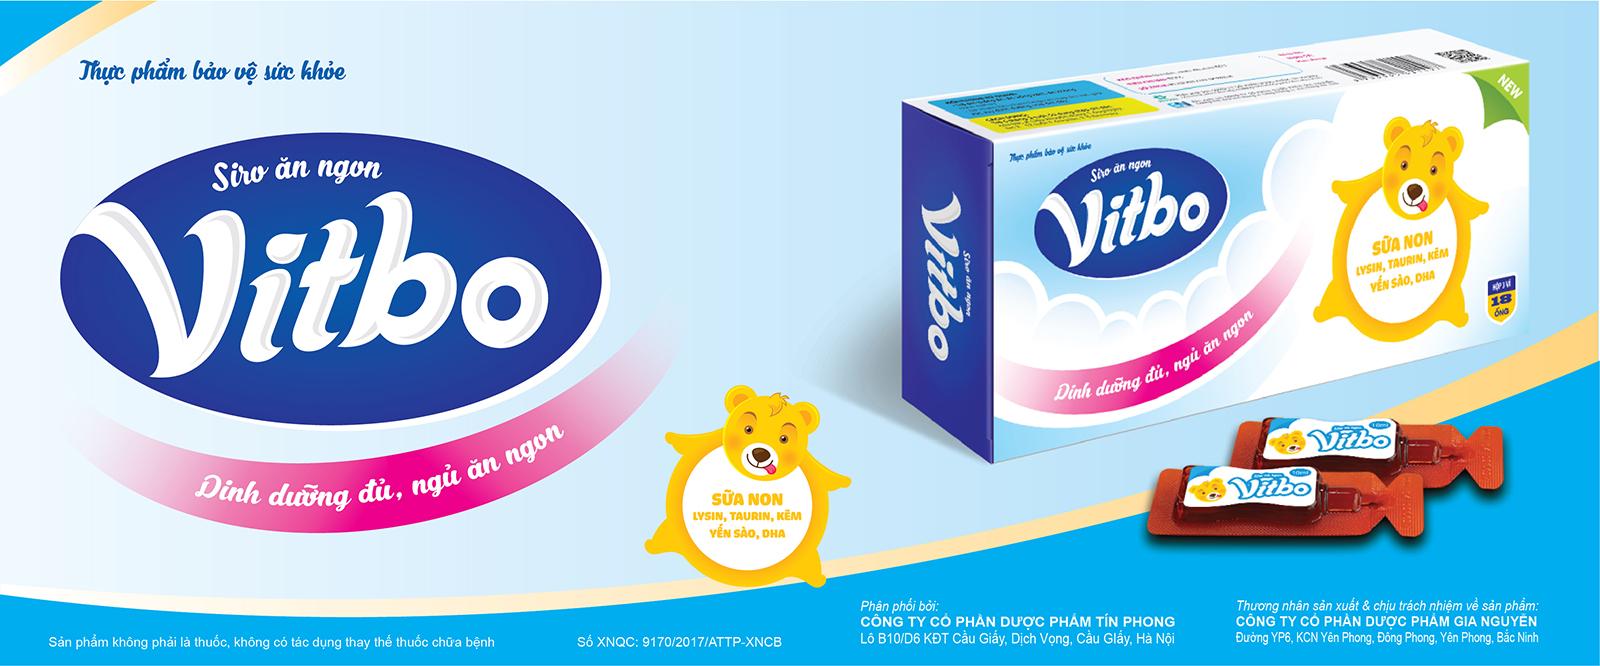 Vitbo